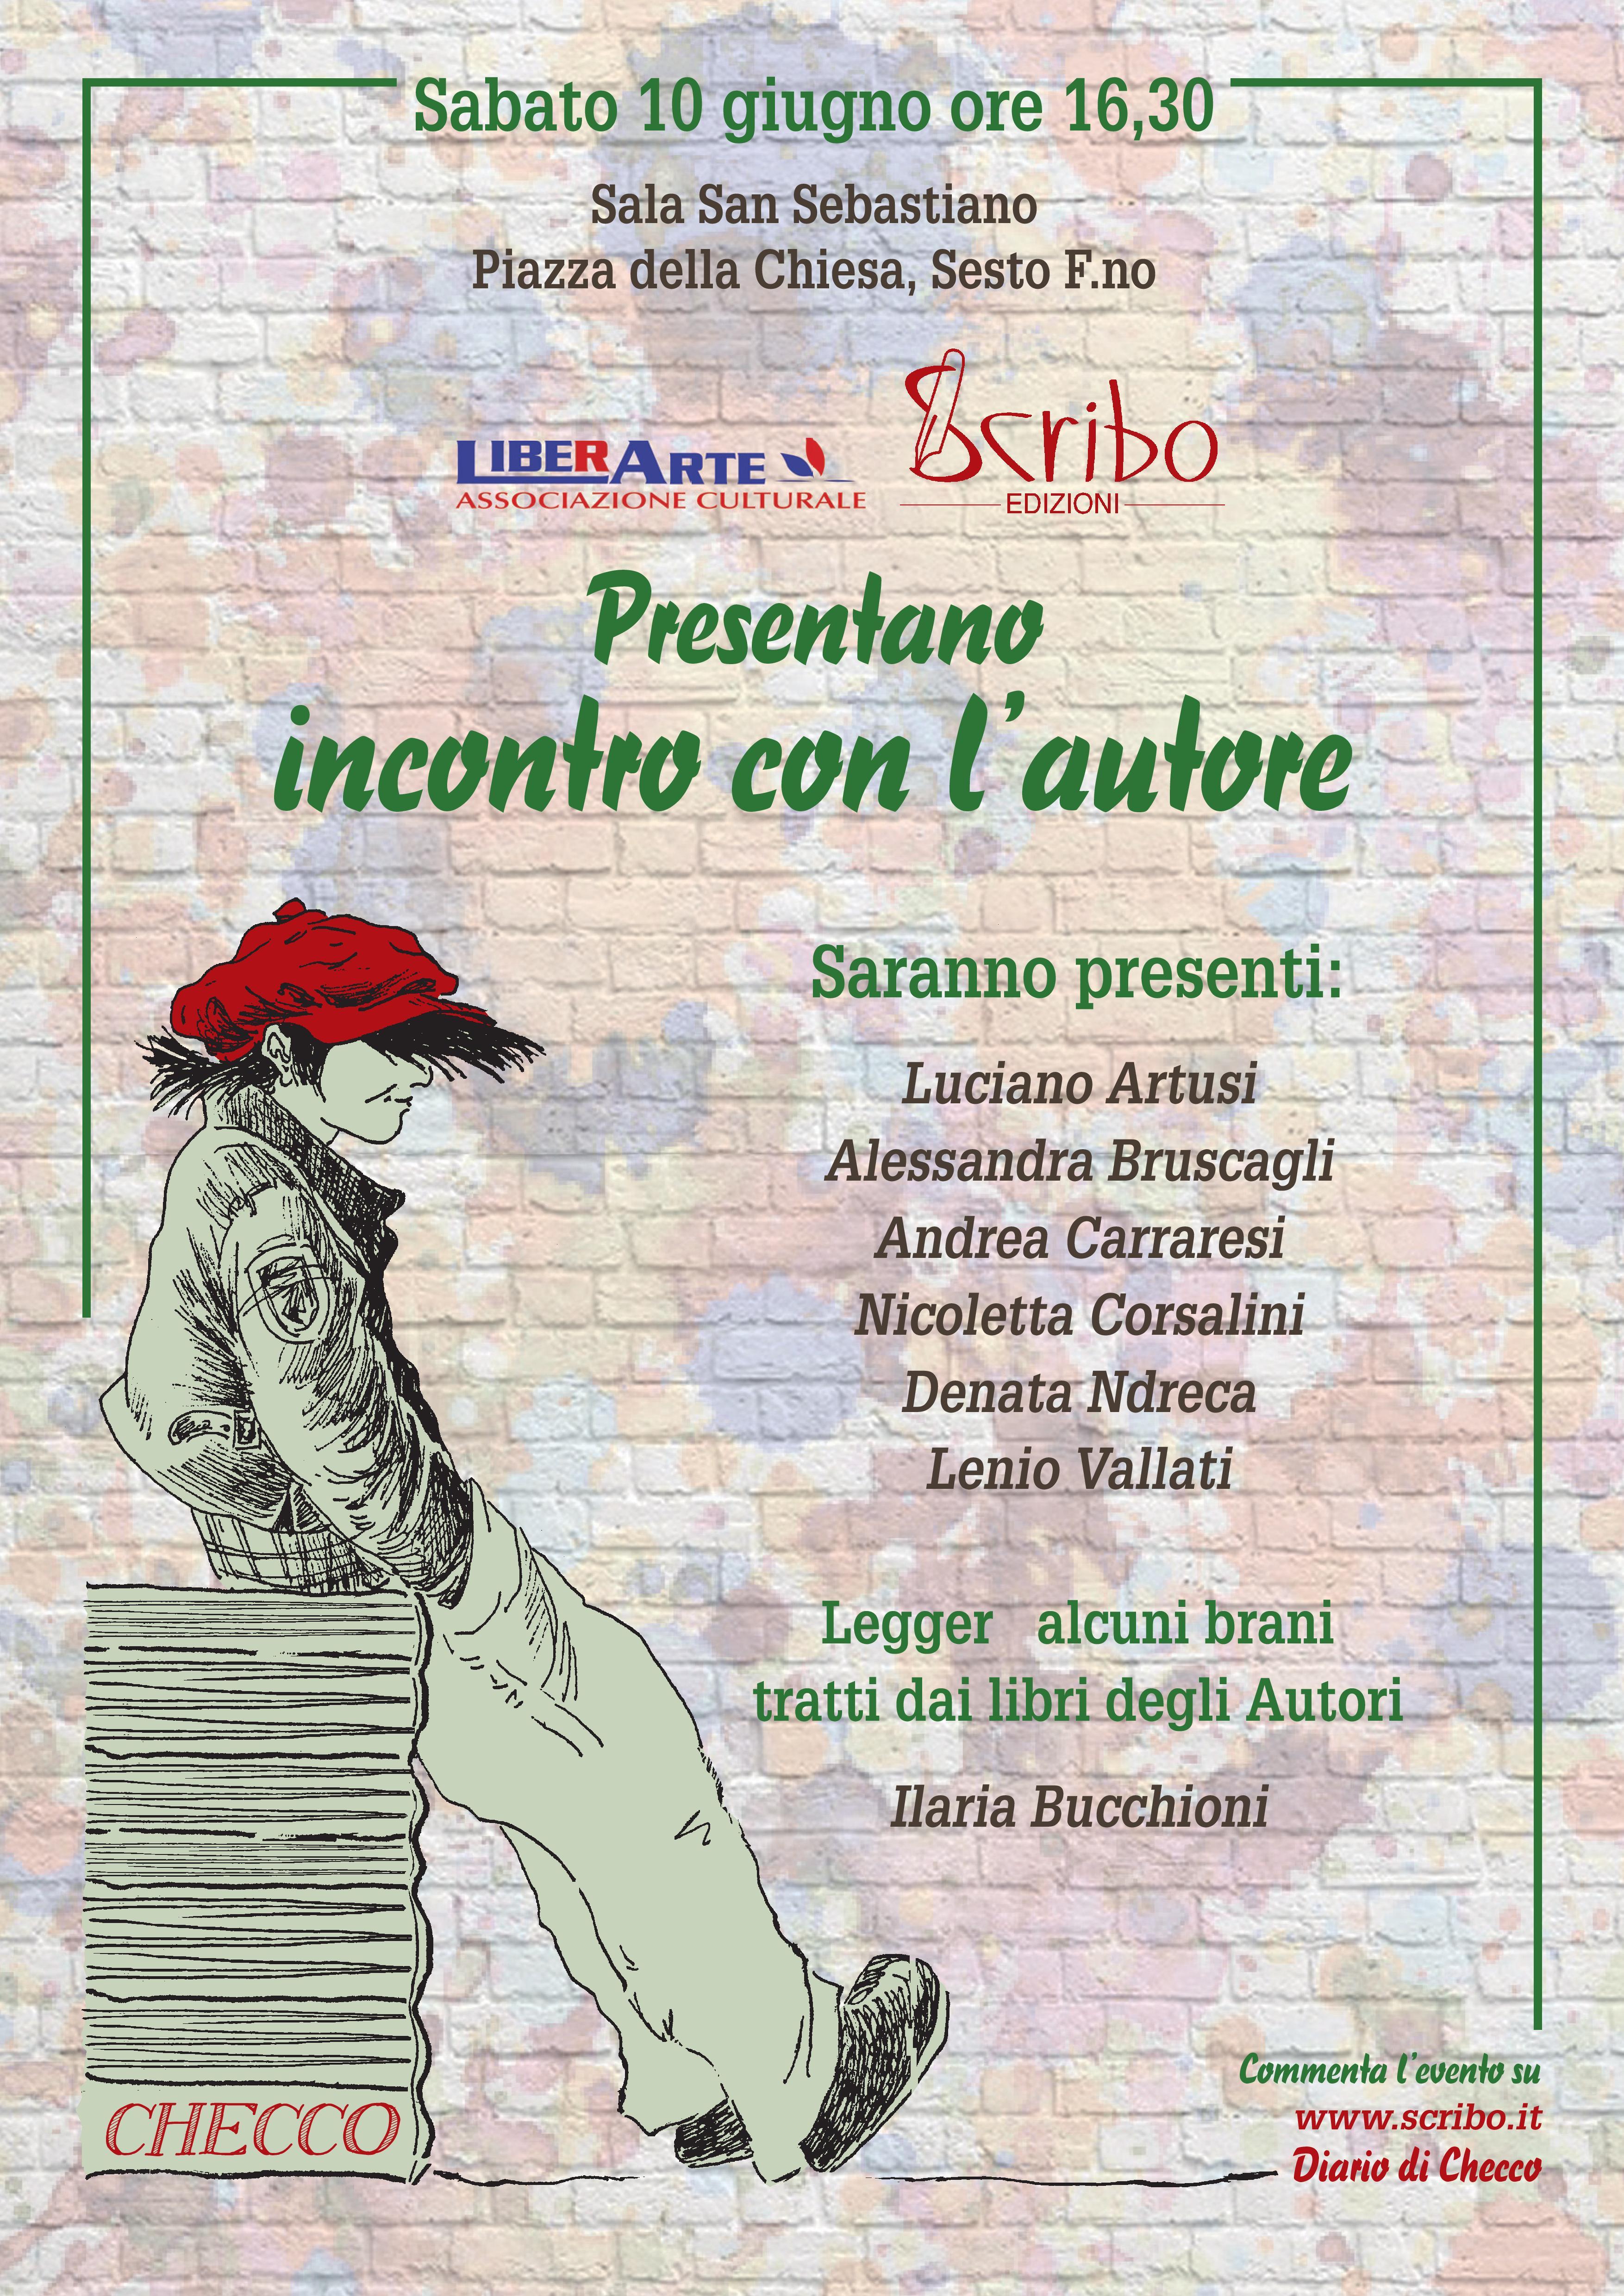 LOCANDINA CHECCO-page-001